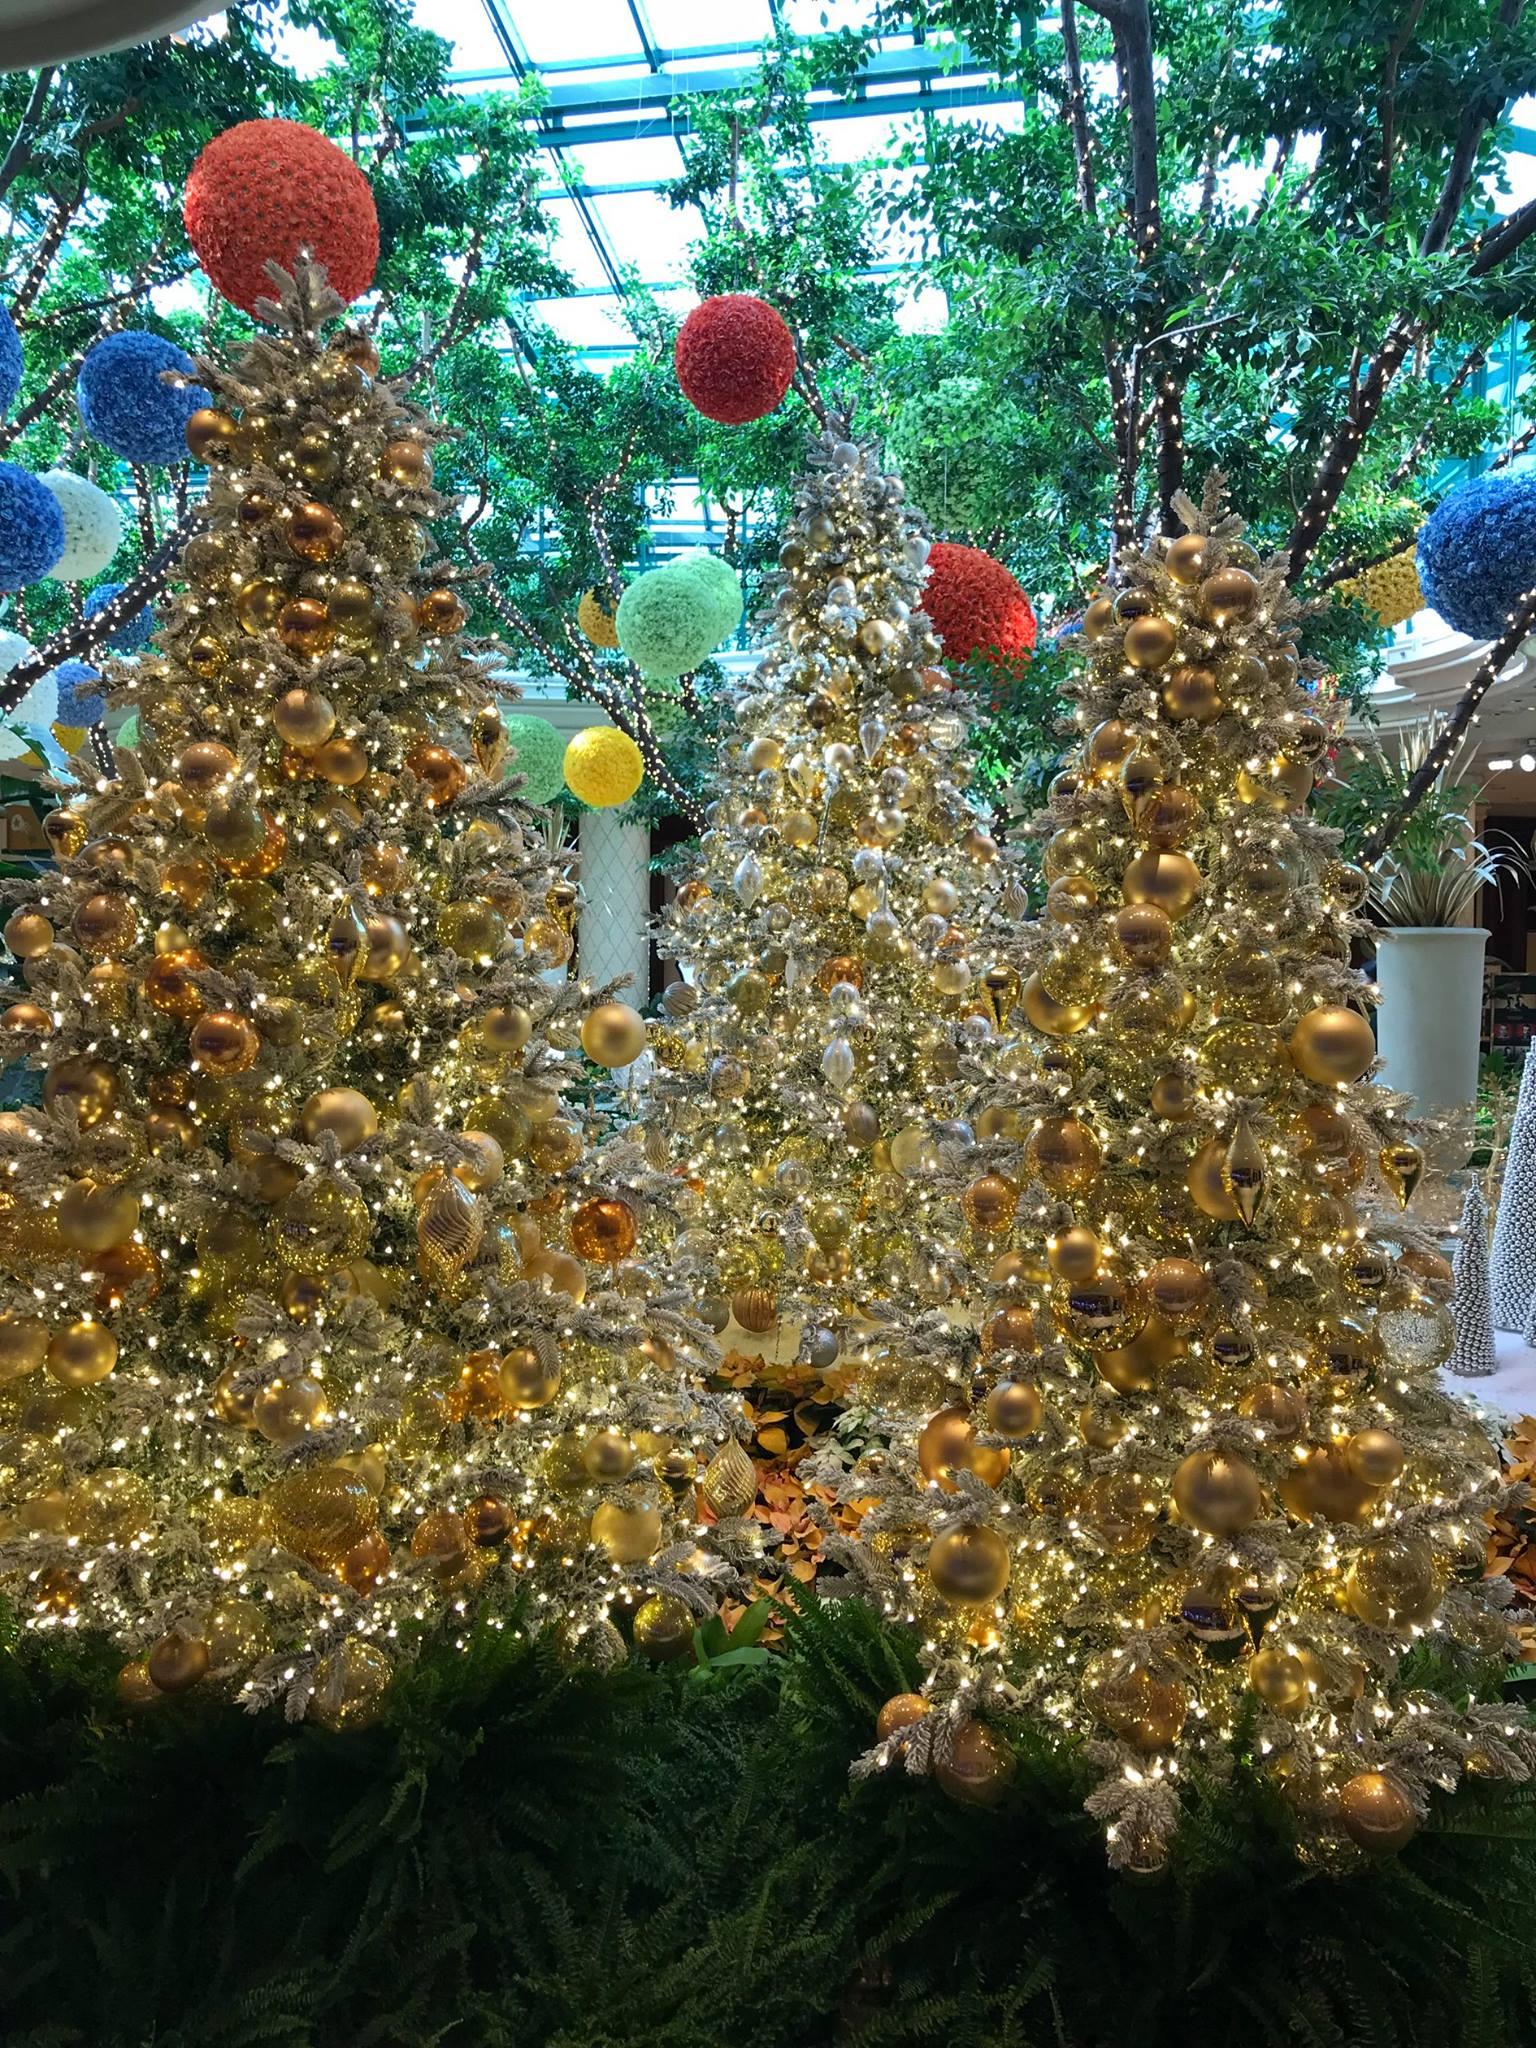 Photograph of Christmas trees